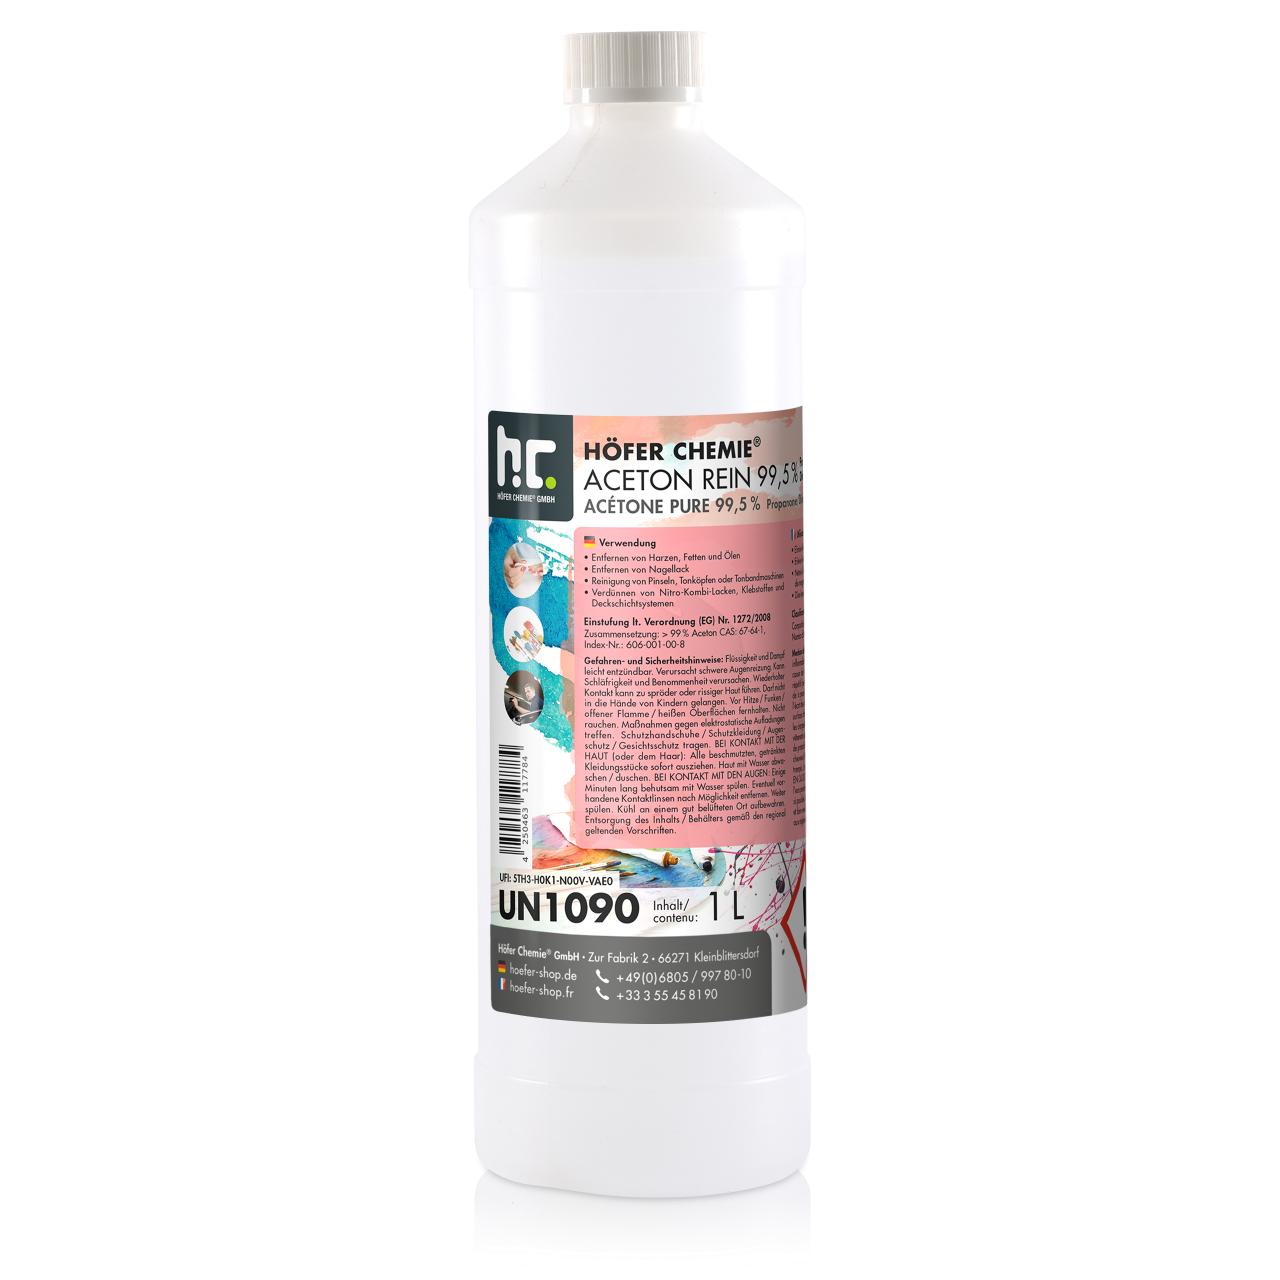 Höfer Chemie 15 l Acétone pur 99,5% (15 x 1 l)